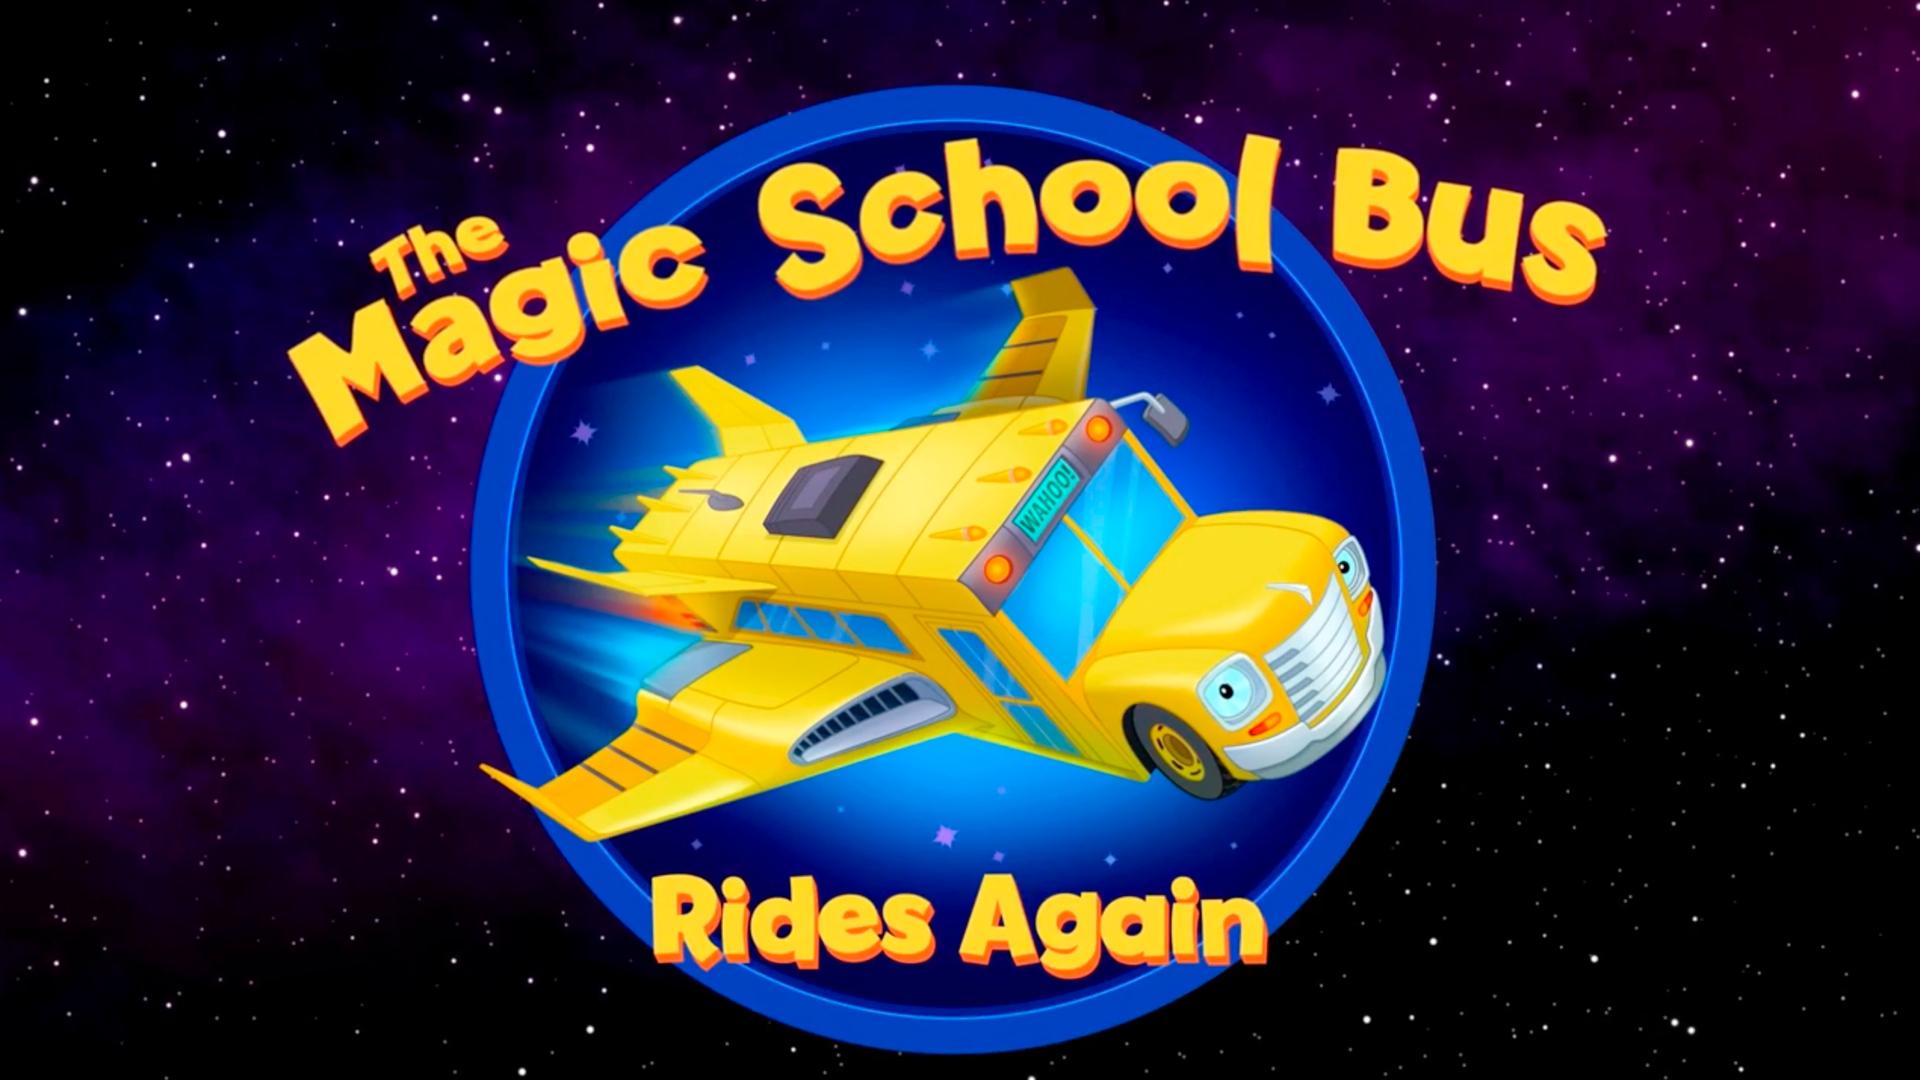 The Magic School Bus Rides Again Episodes Tv Series